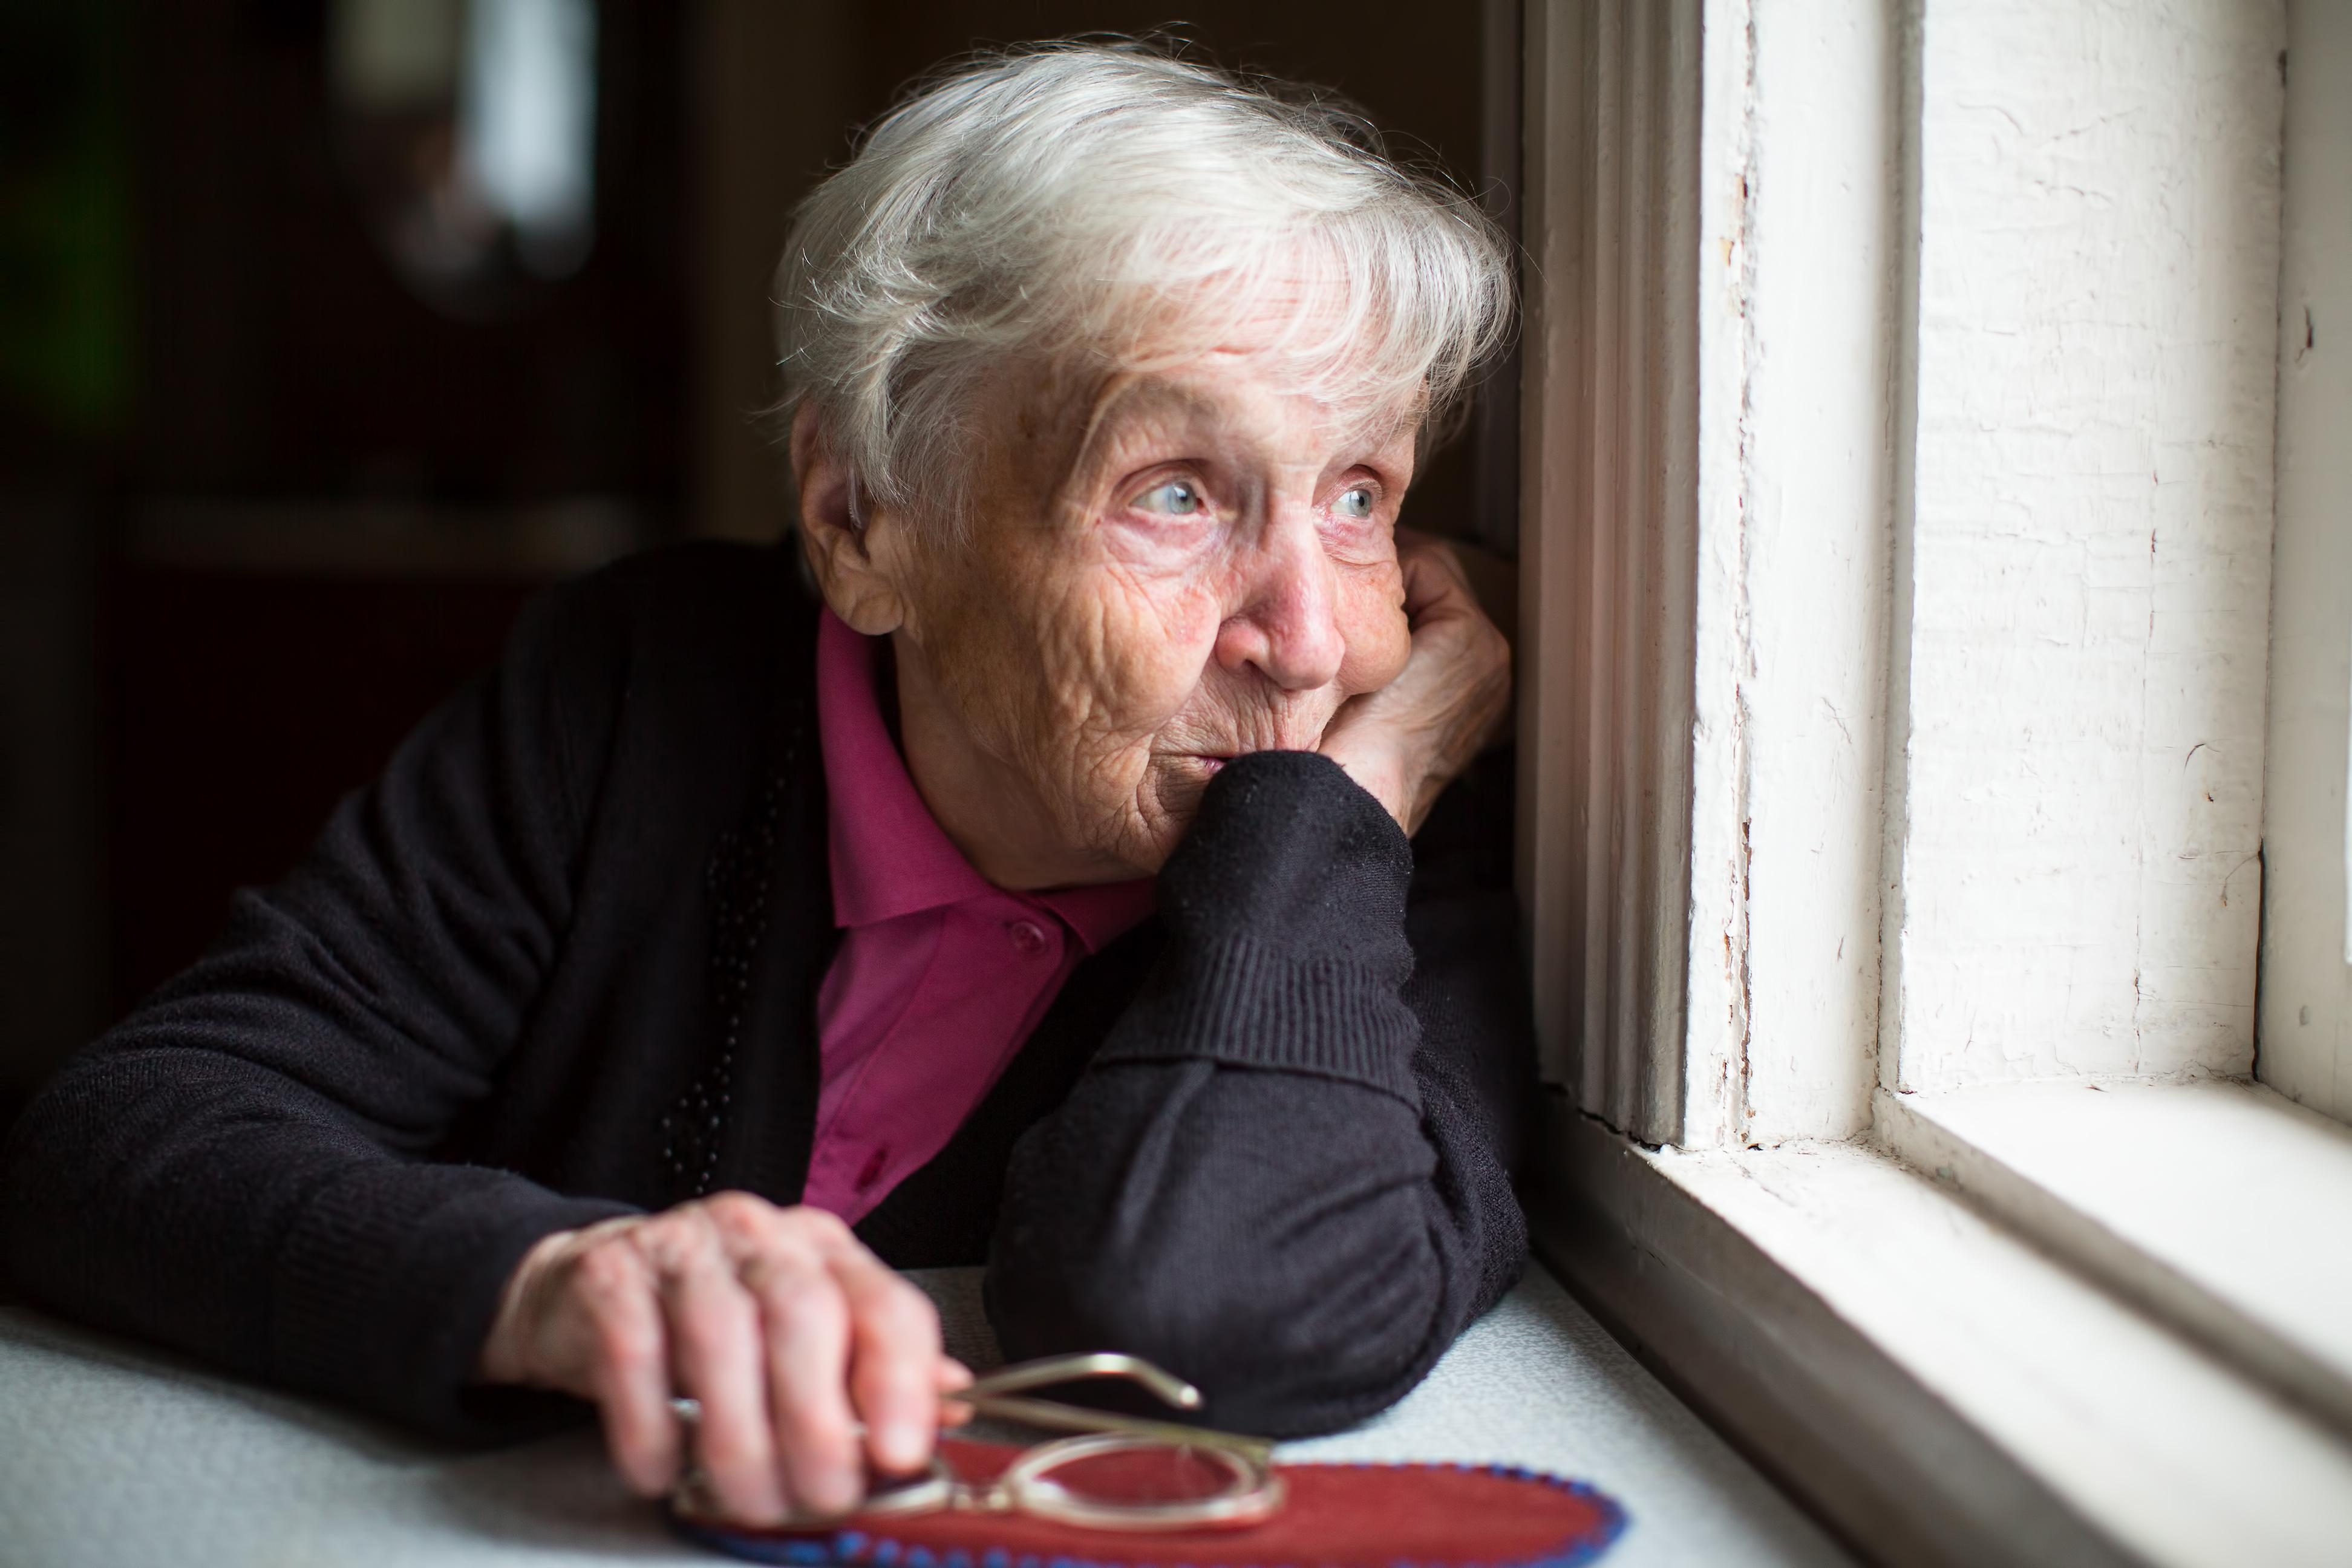 Demens är ett samlingsnamn för flera olika sjukdomar varav Alzheimers sjukdom är den vanligaste.